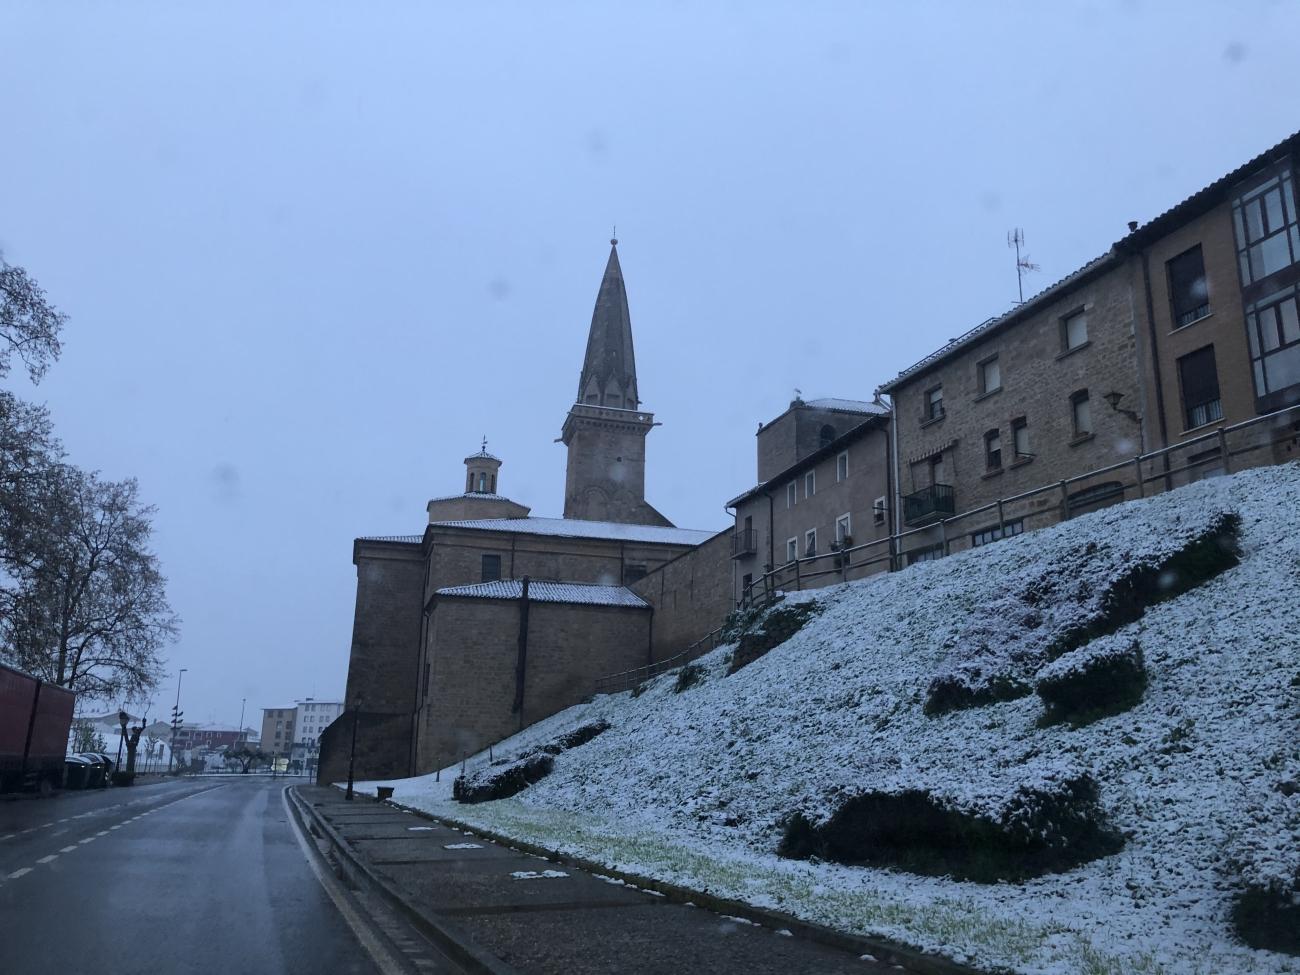 Olite.Olite amanece nevado a 31 de marzo